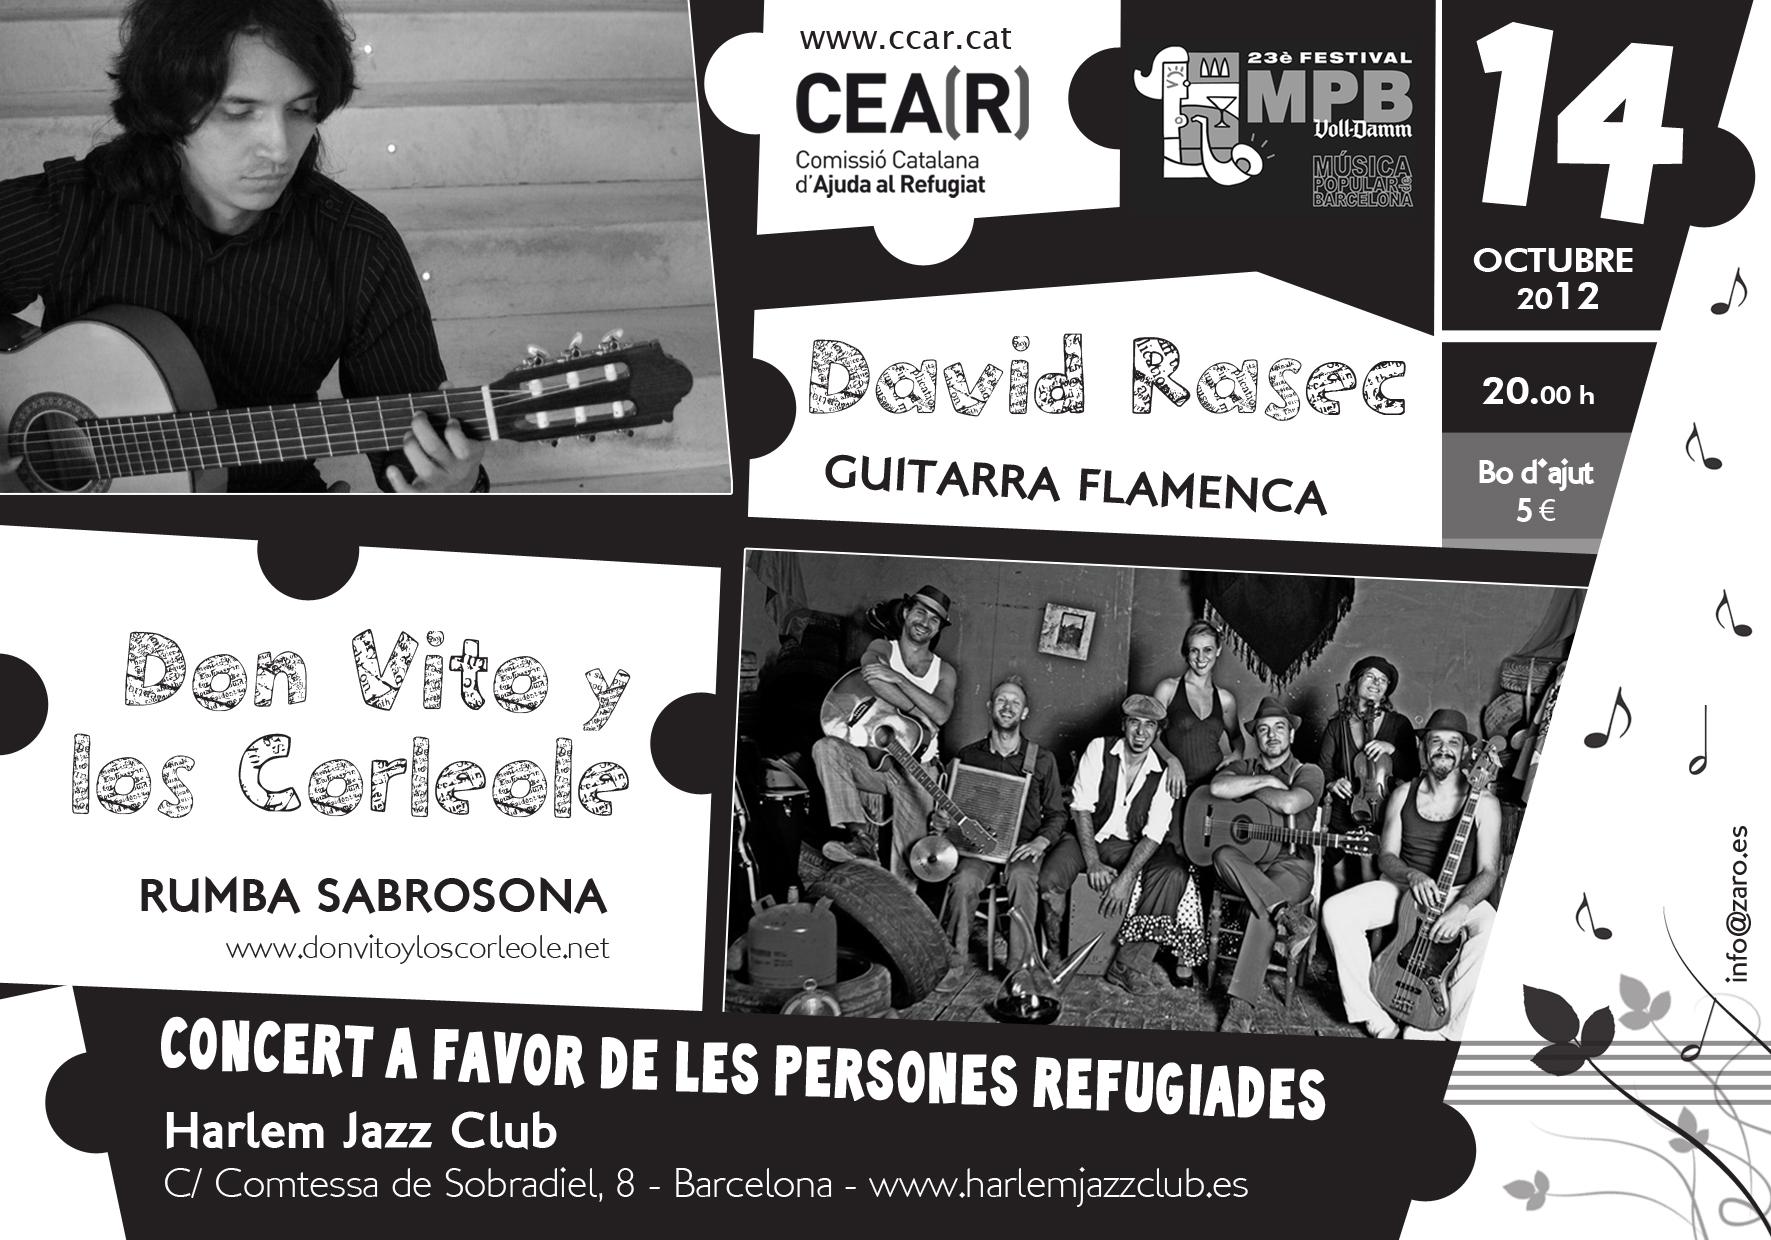 Concert Solidari Amb Les Persones Refugiades: David Rasec I Don Vito Y Los Corleole Al Harlem Jazz Club!